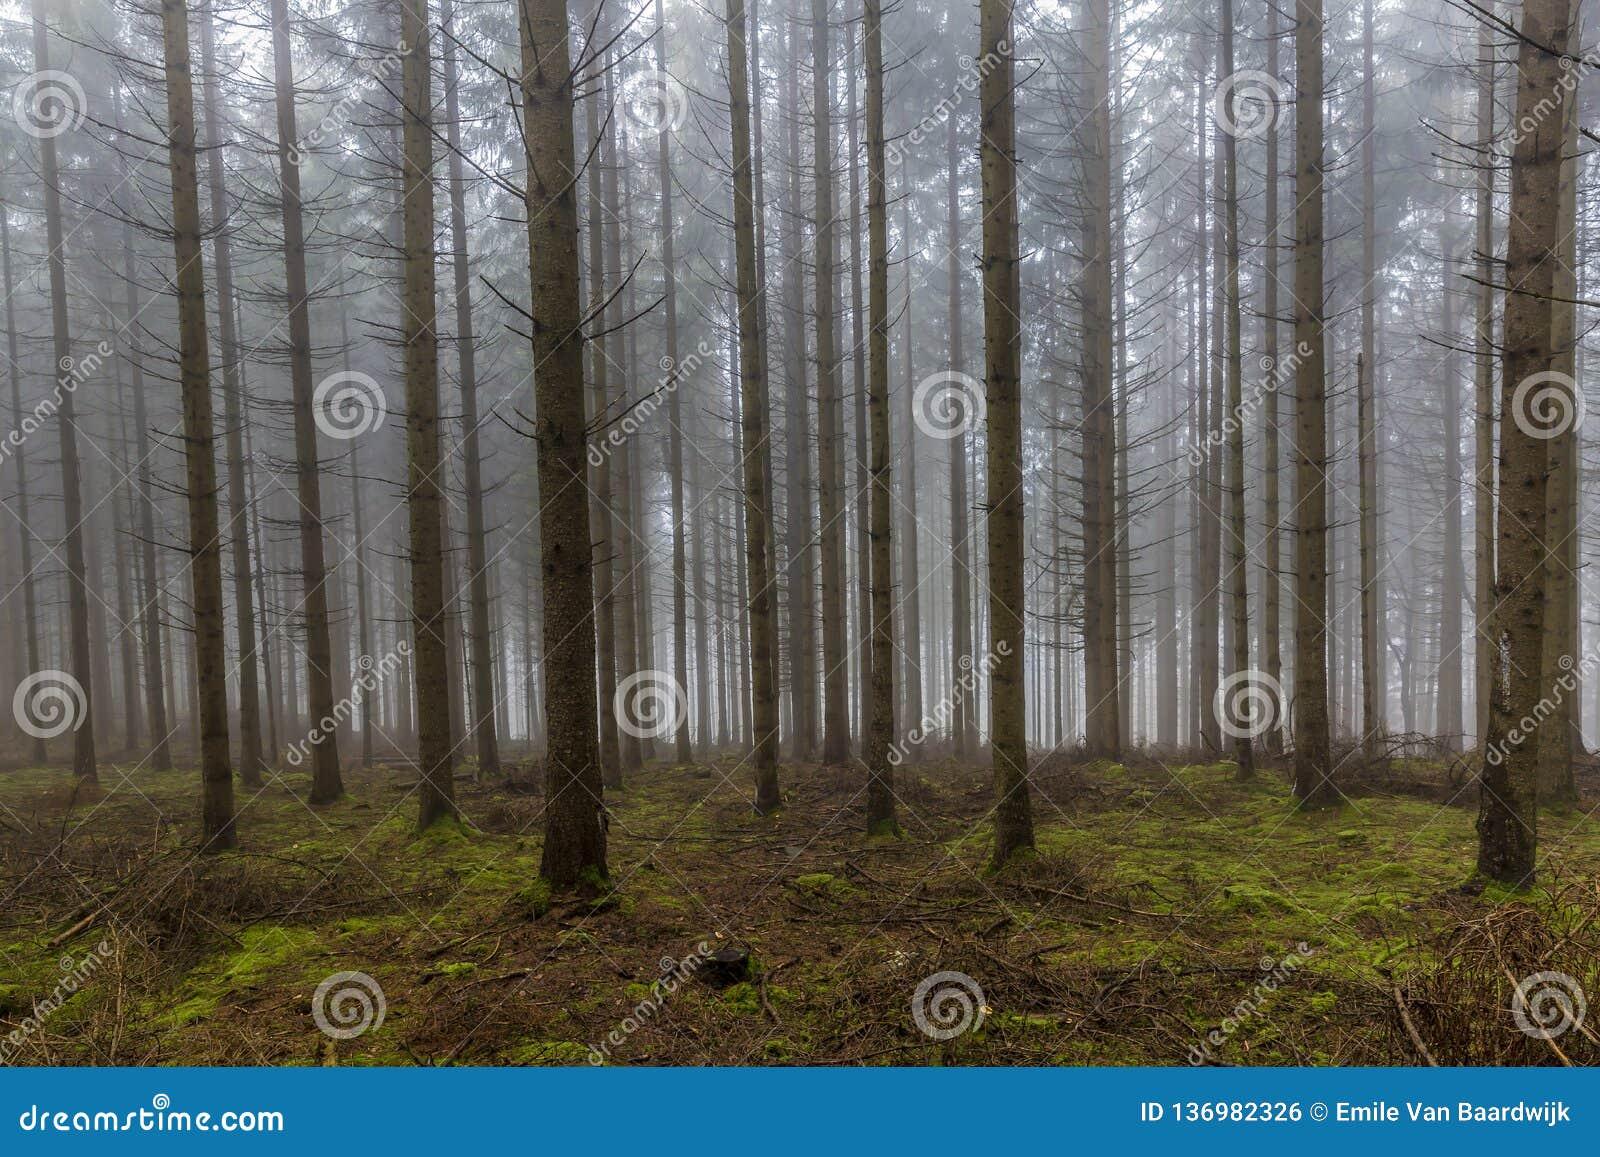 Beeld van lange pijnboombomen in het bos met mos en takken ter plaatse met heel wat mist